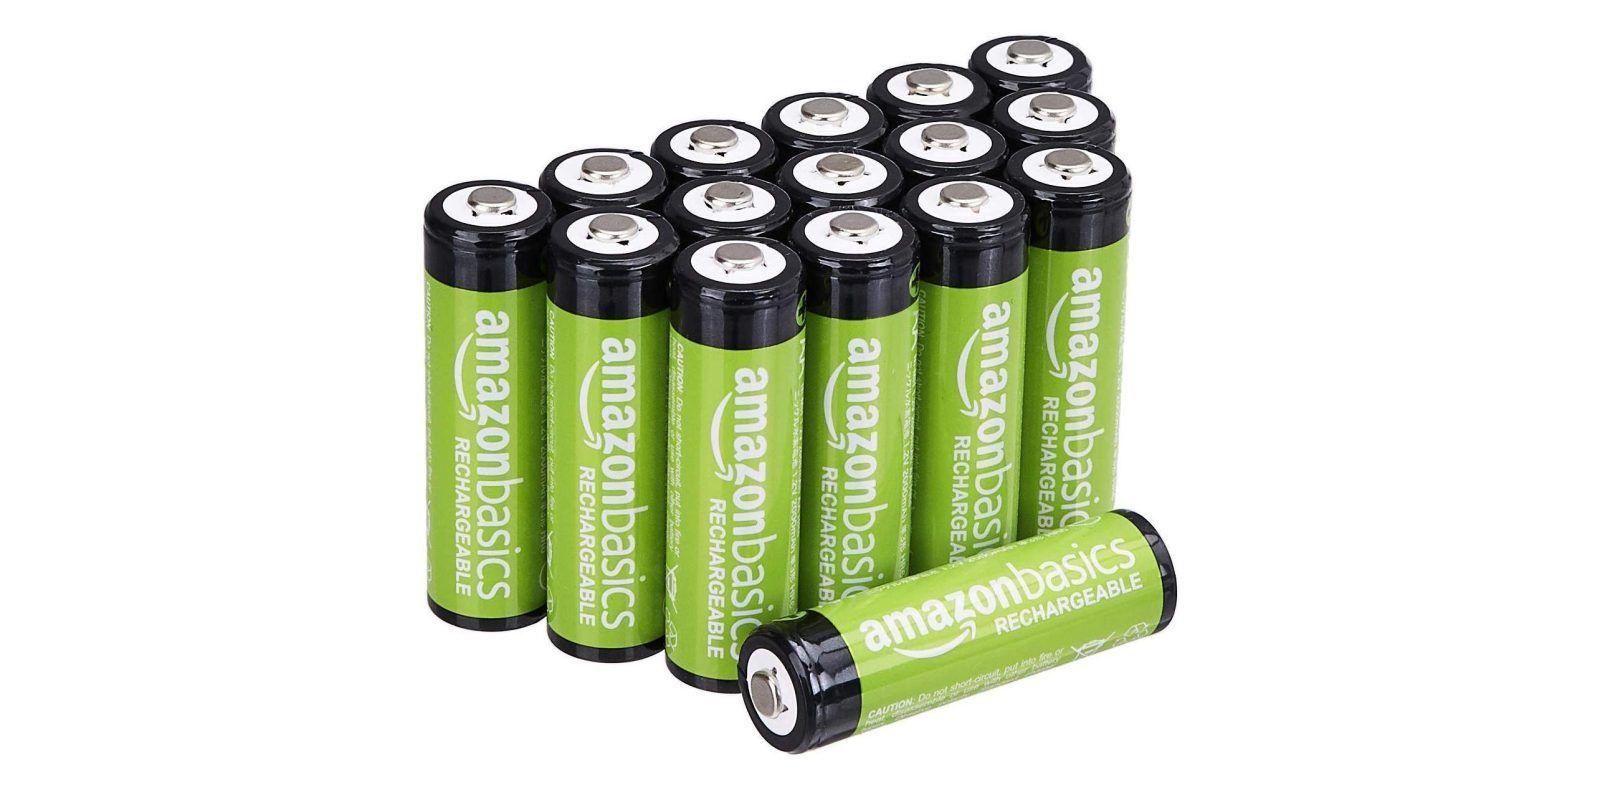 Amazonbasics Aa And Aaa Rechargeable Battery Deals Start At 111 Rechargeable Batteries Charge Battery Recharge